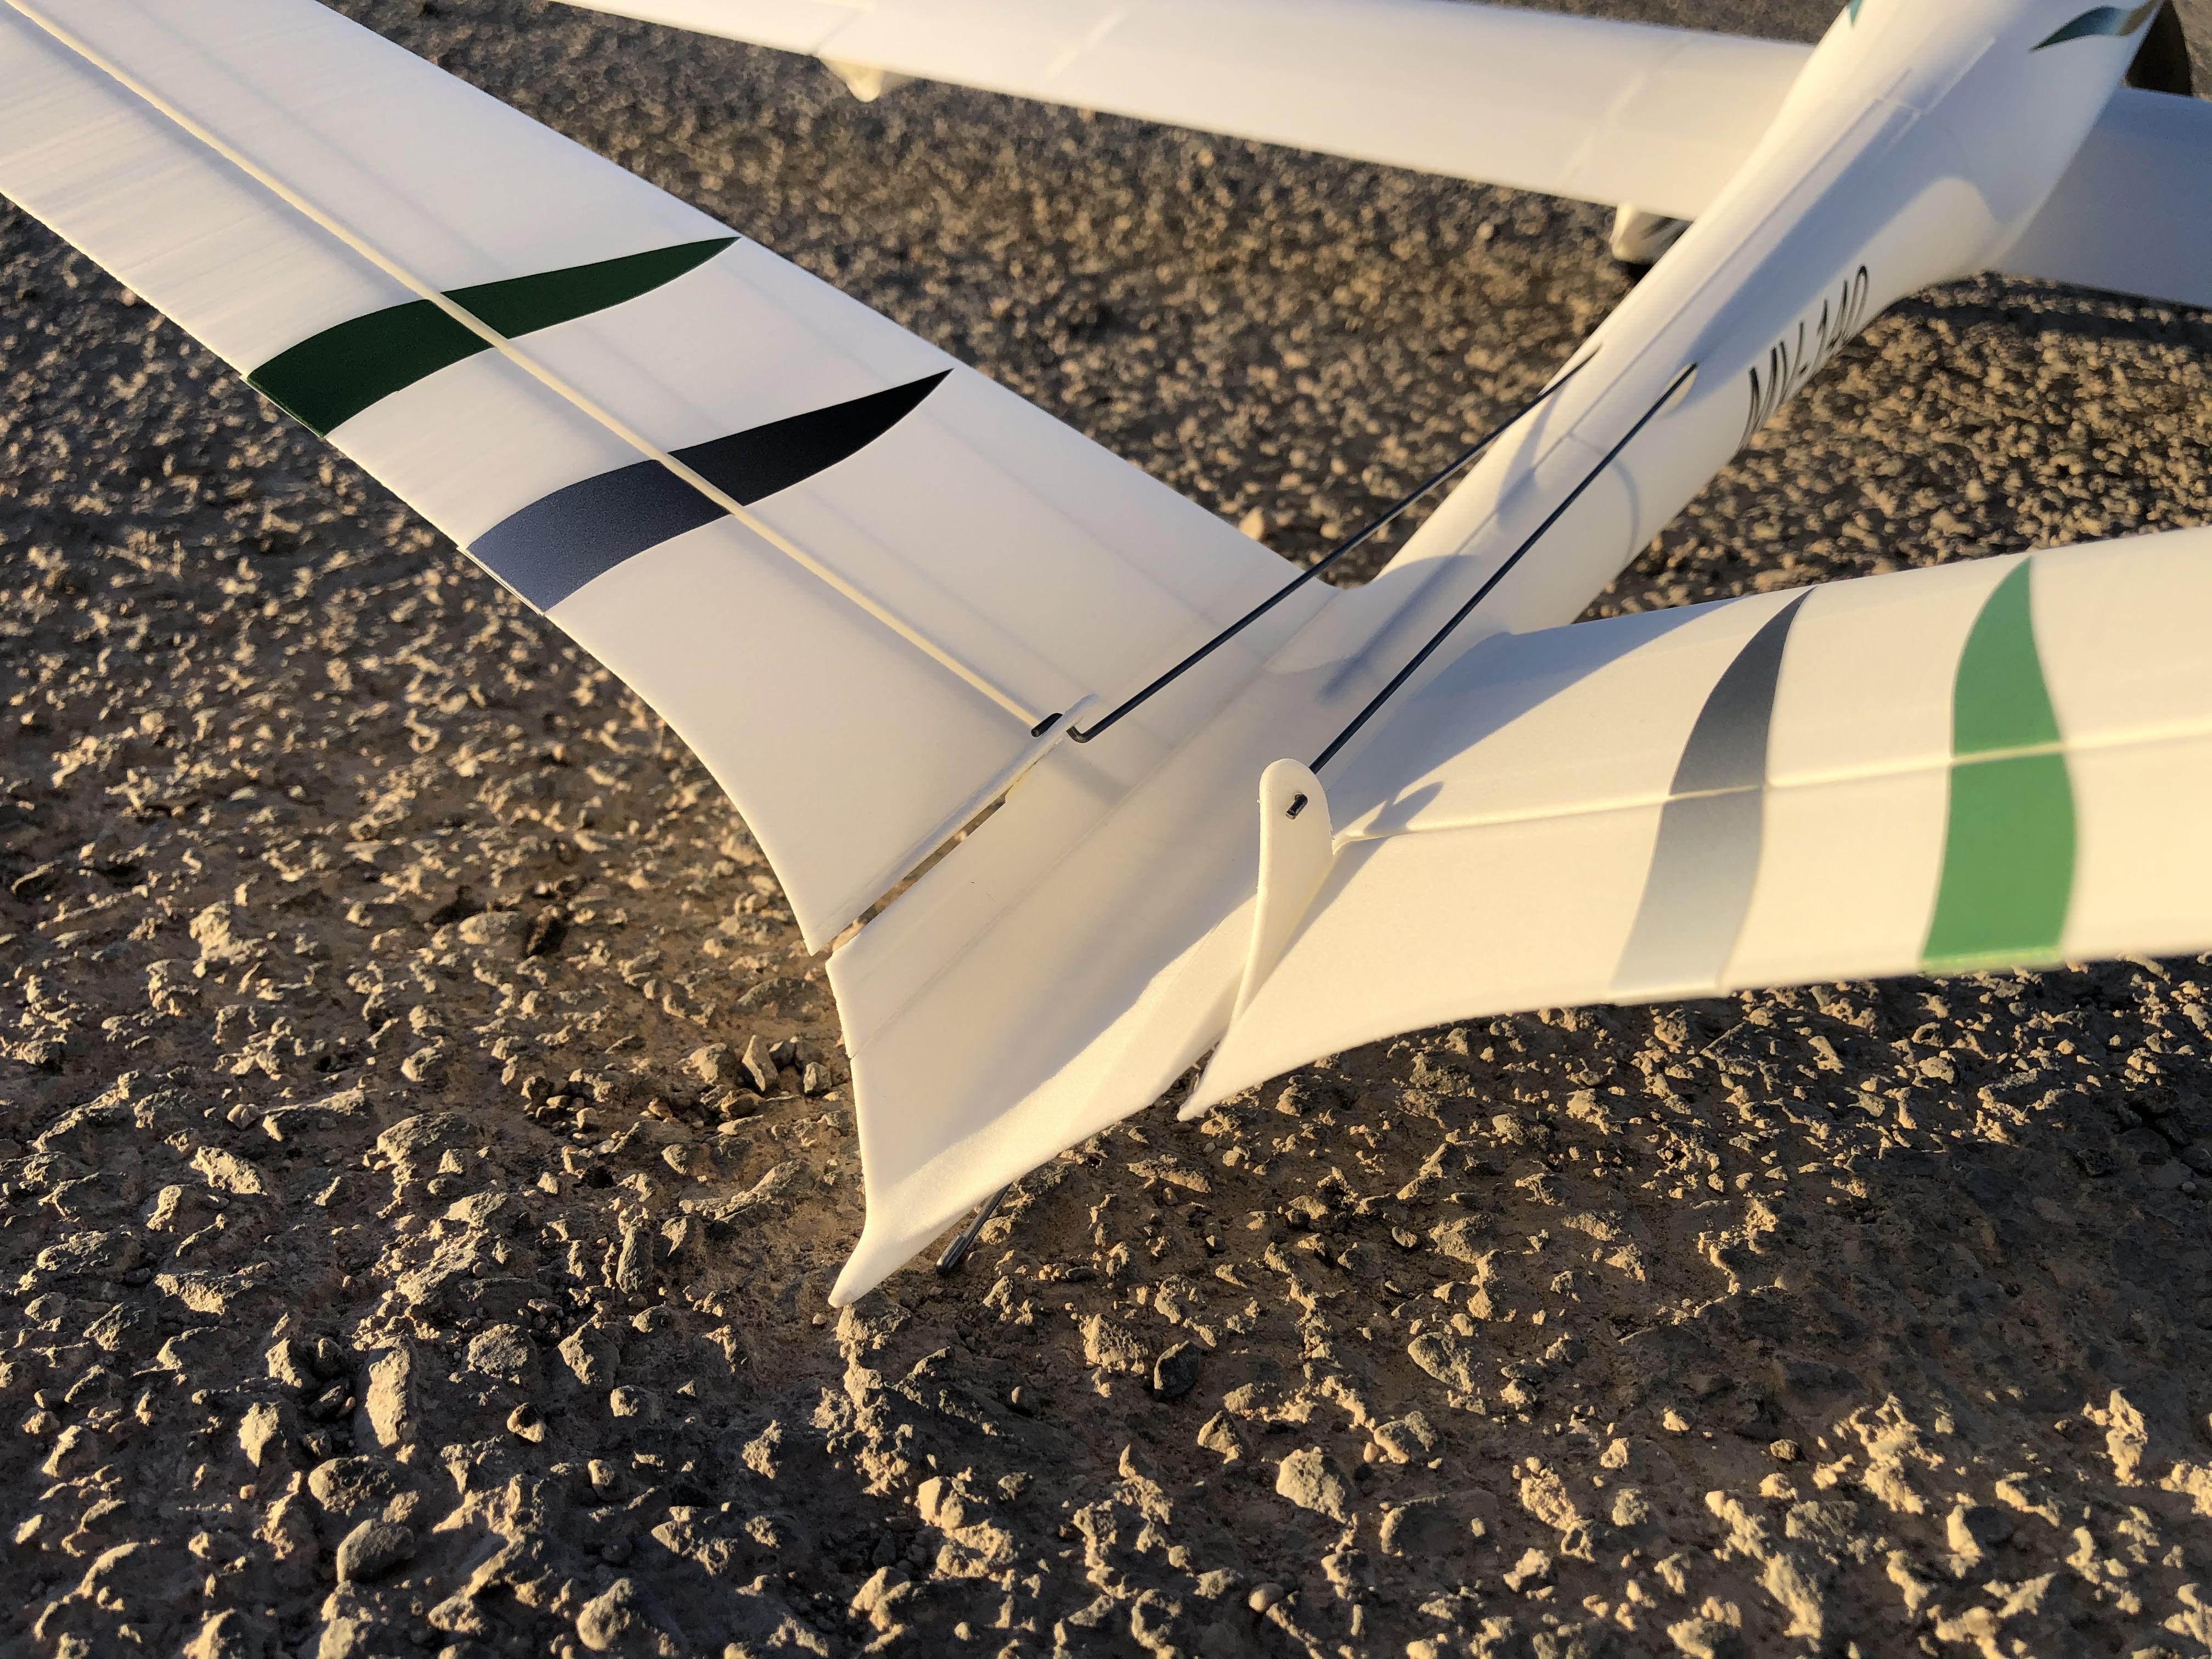 V tail of the model V